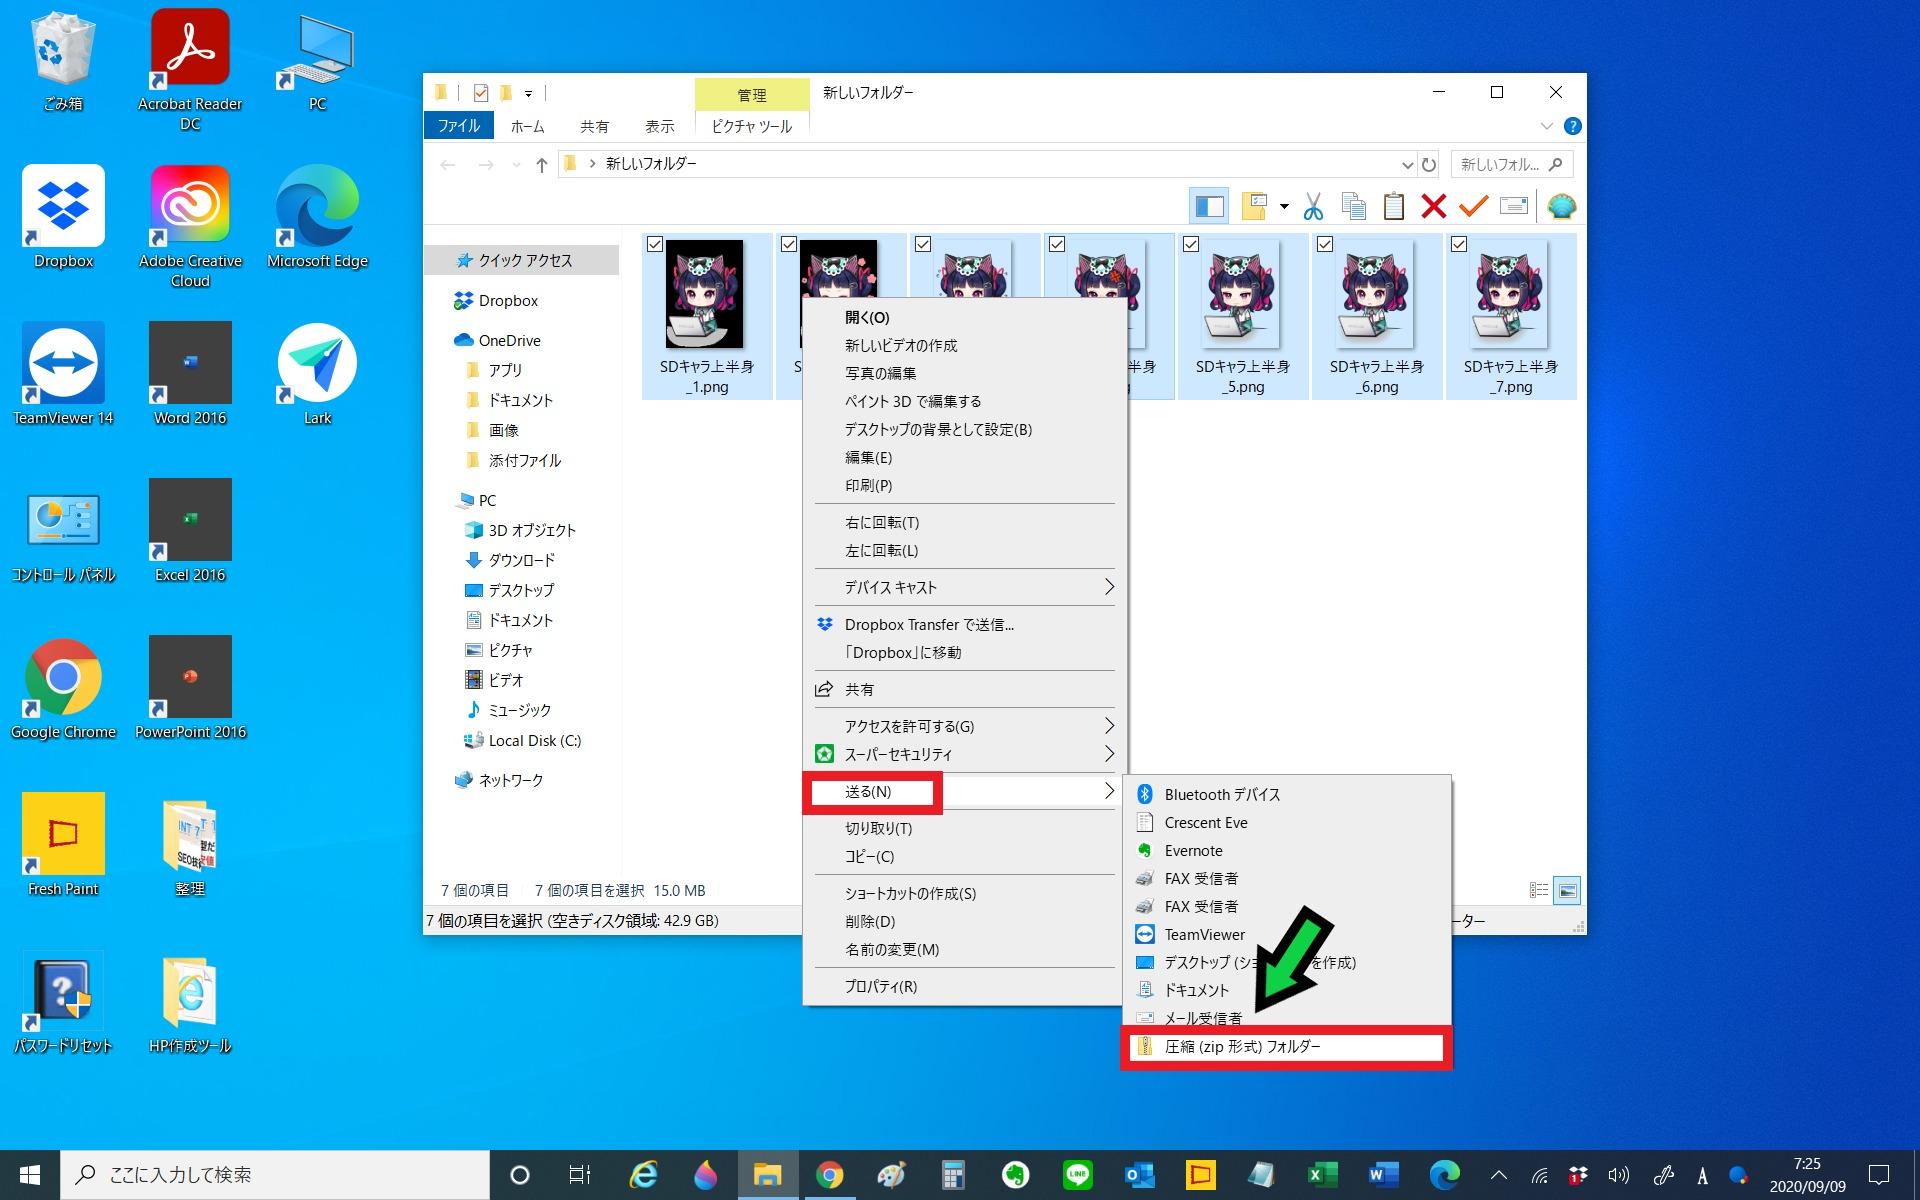 メール送信時に使える!複数のファイルを圧縮する方法【Windows10】